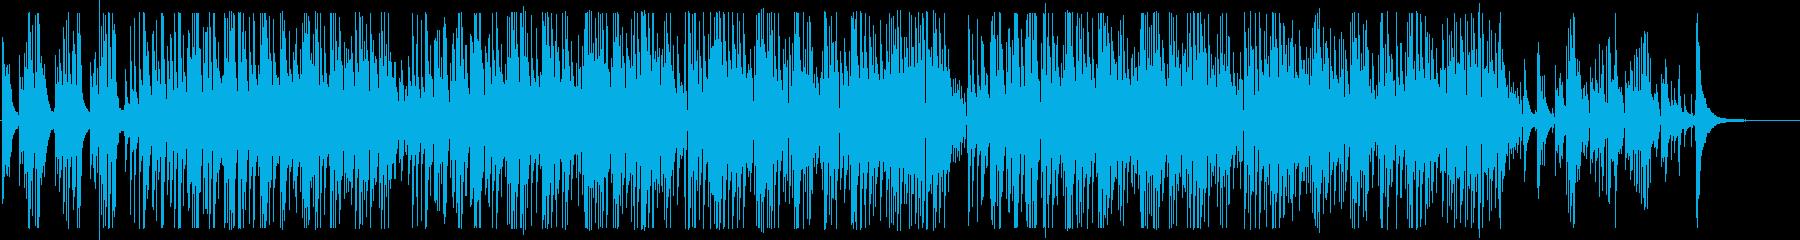 2本のボサノバギターBGM Longの再生済みの波形